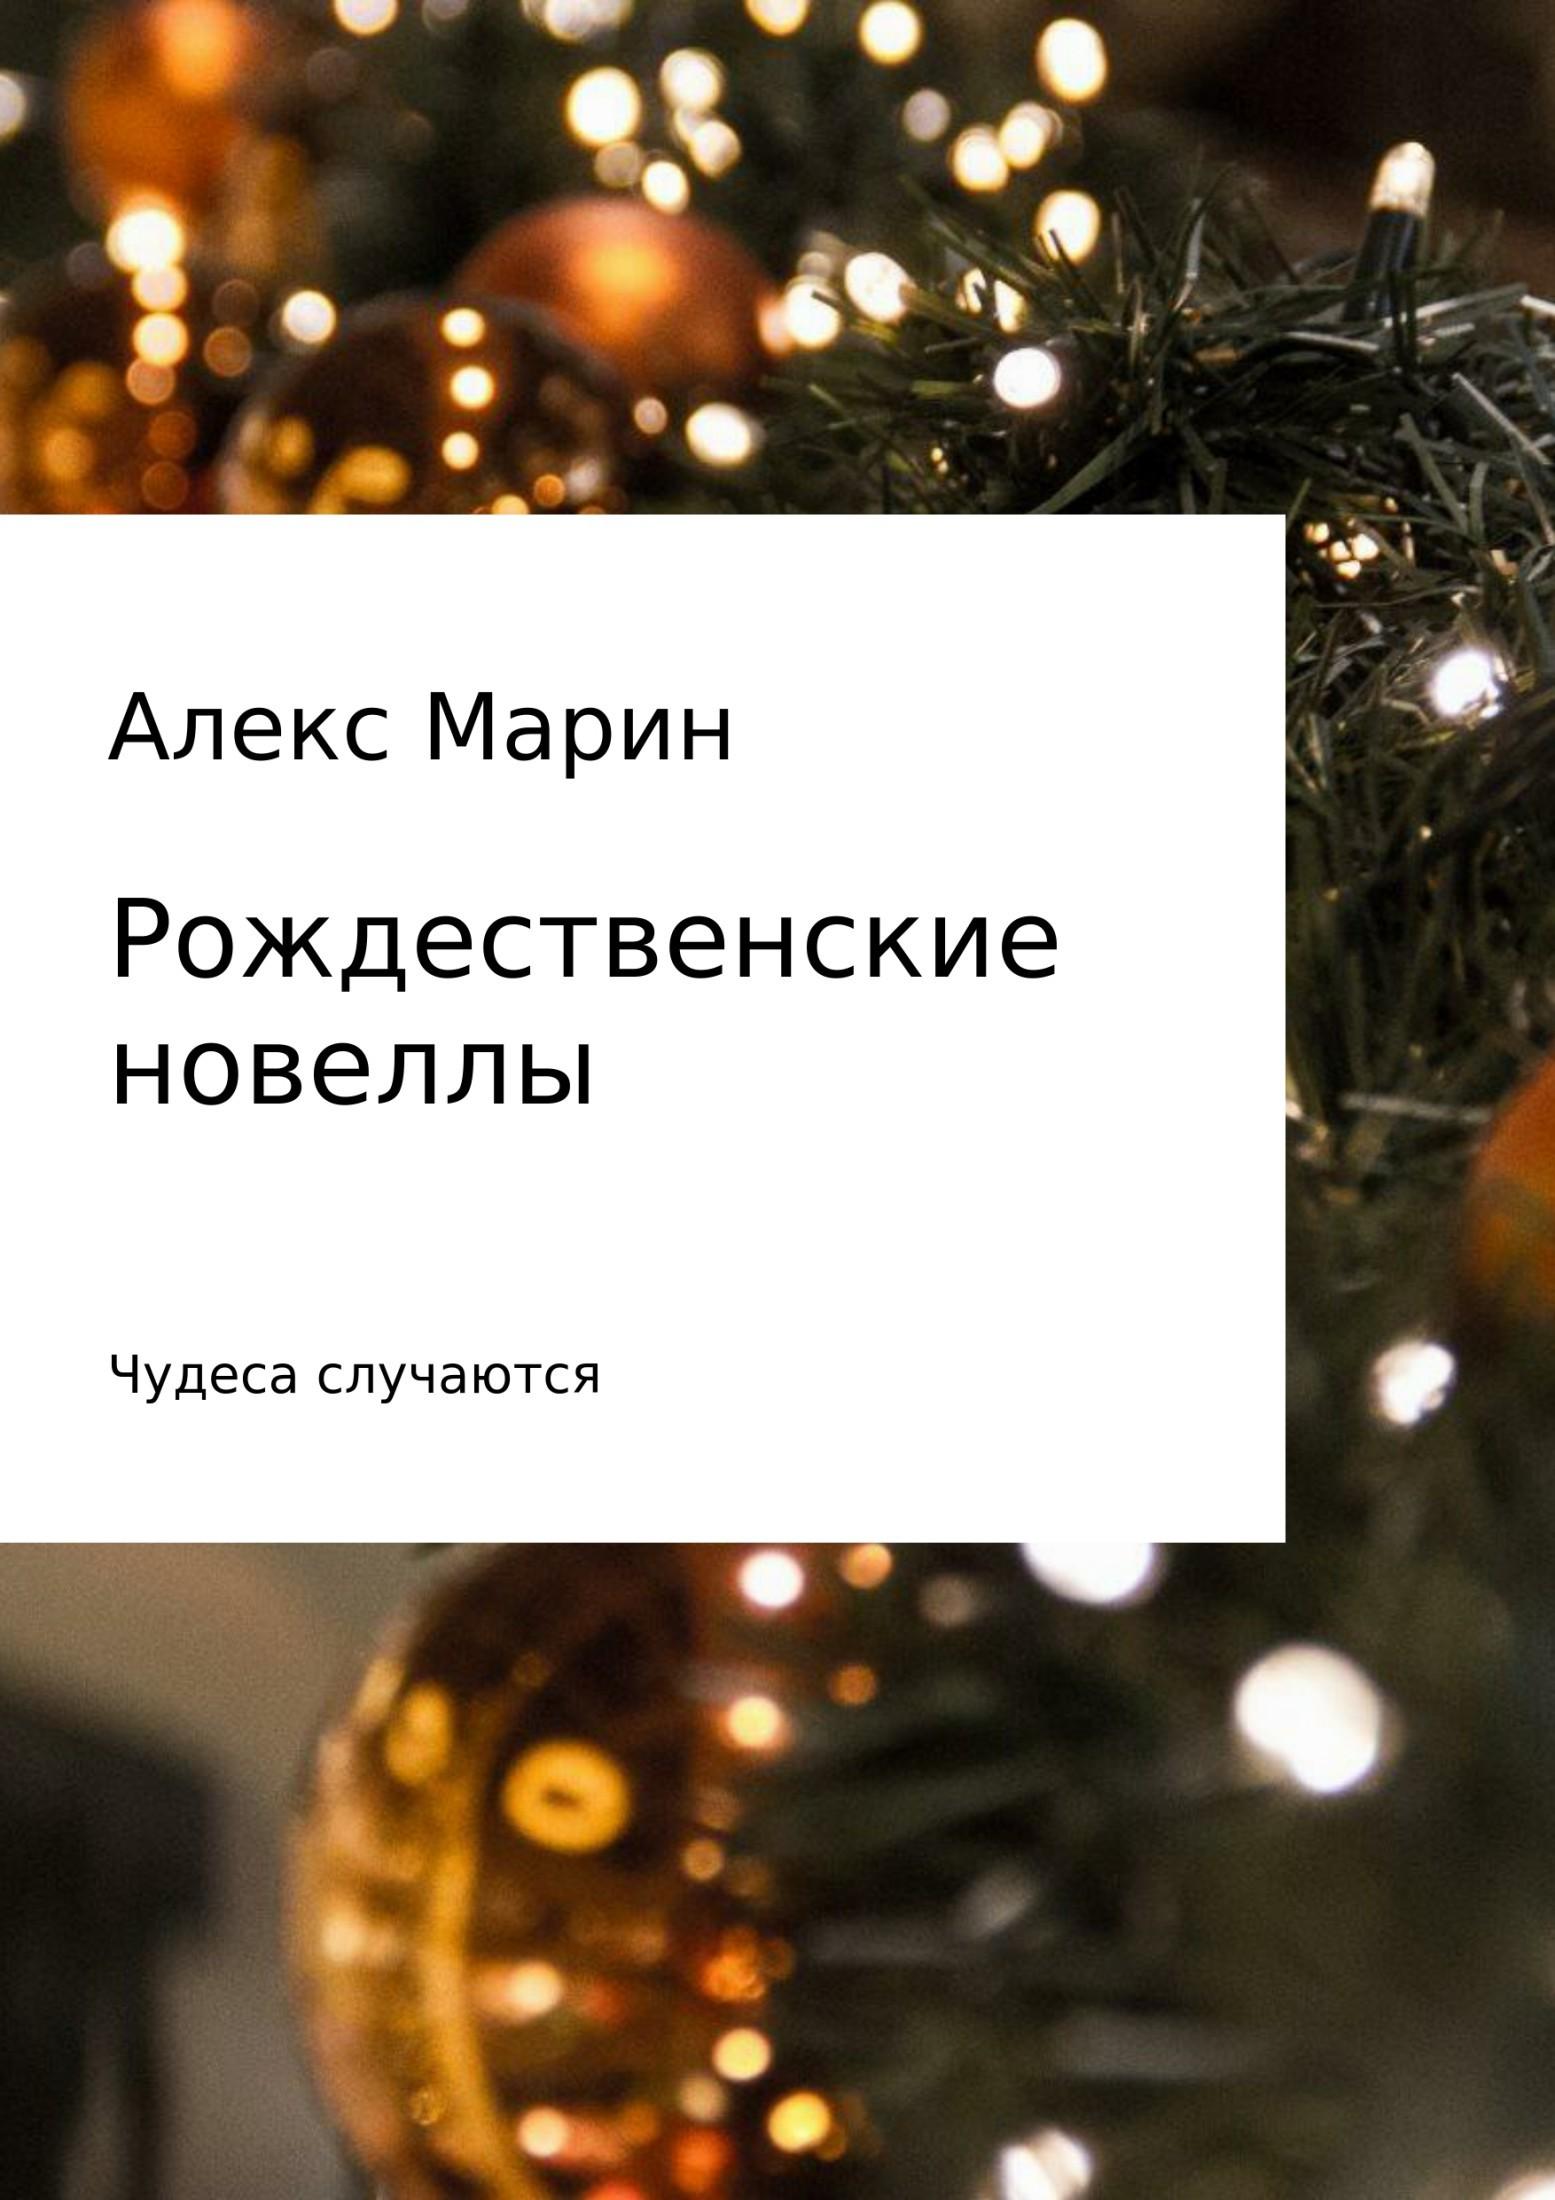 Рождественские новеллы